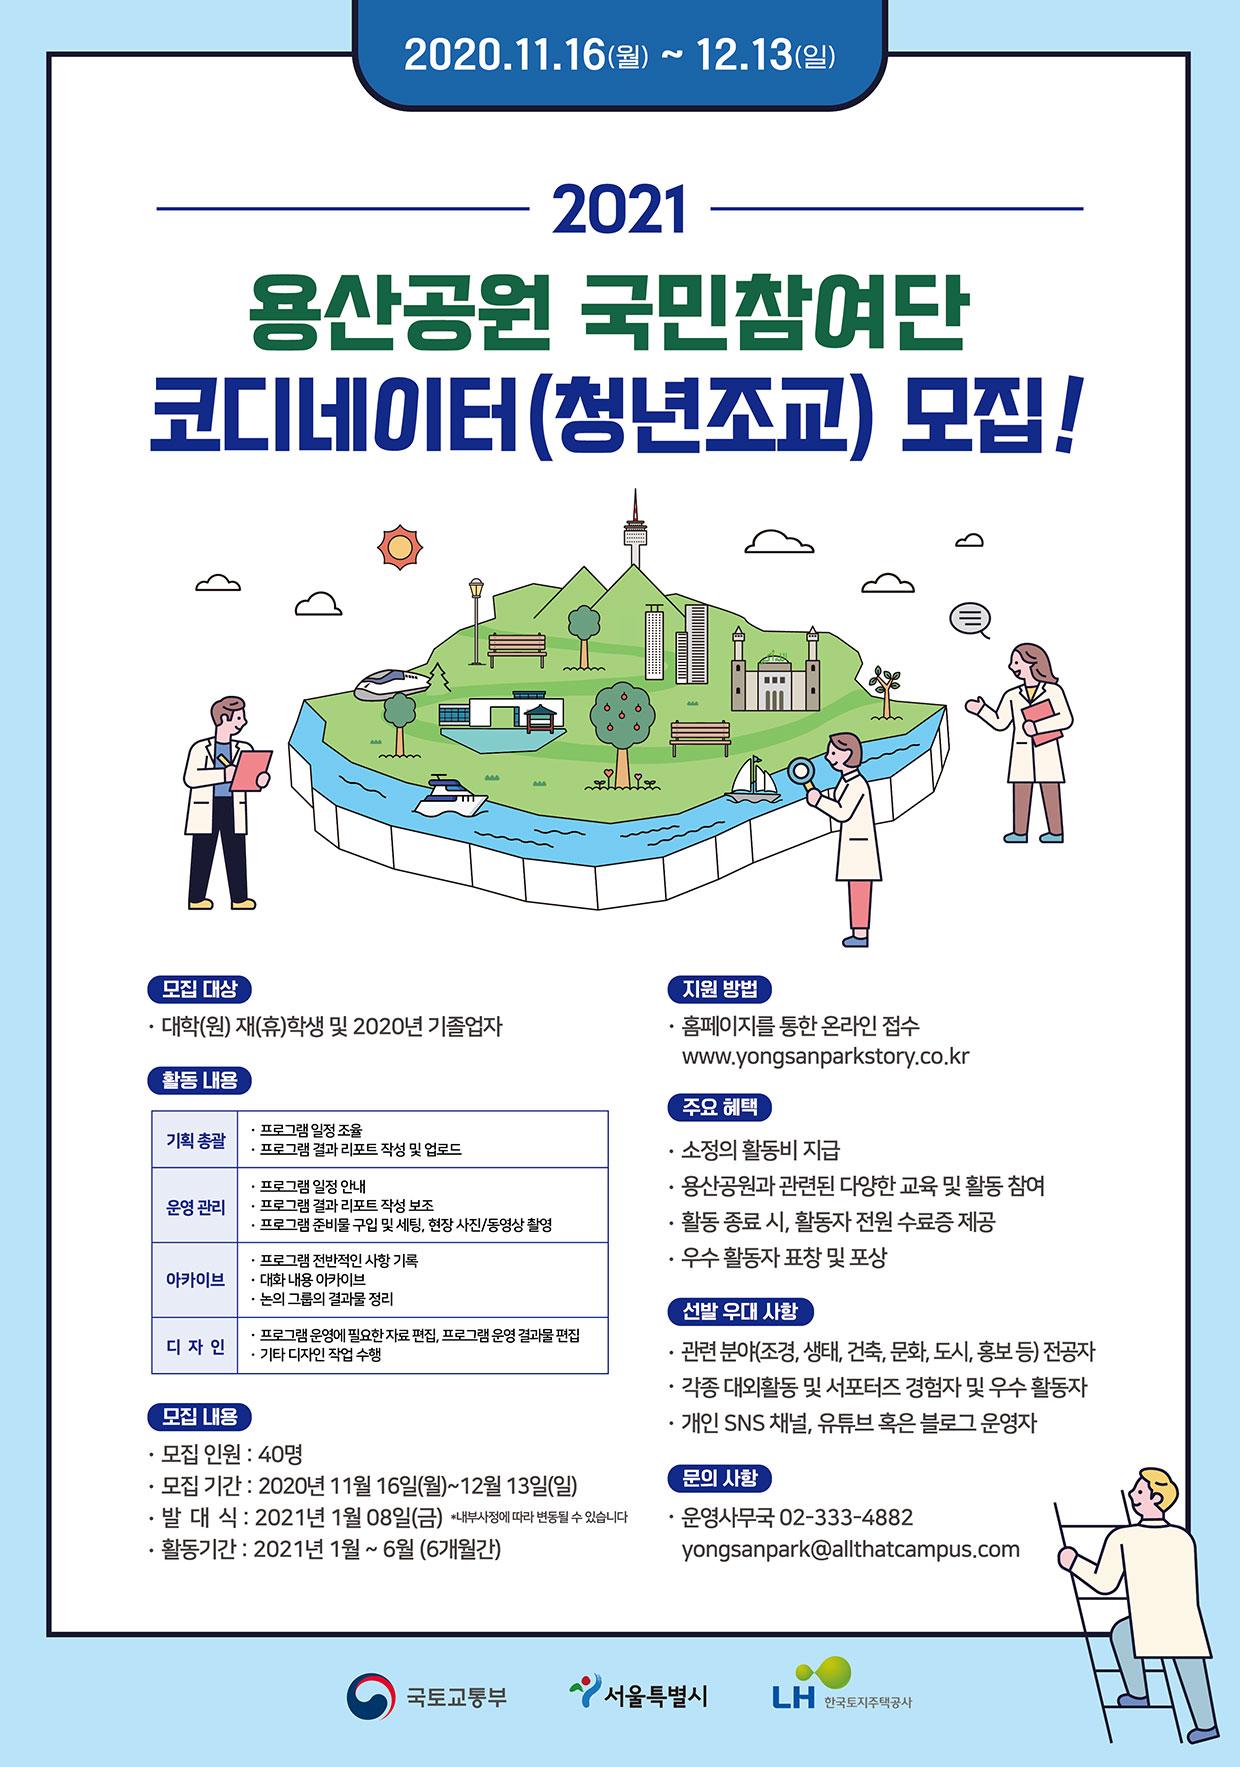 용산공원 국민참여단 청년 코디네이터(청년조교) 모집 안내